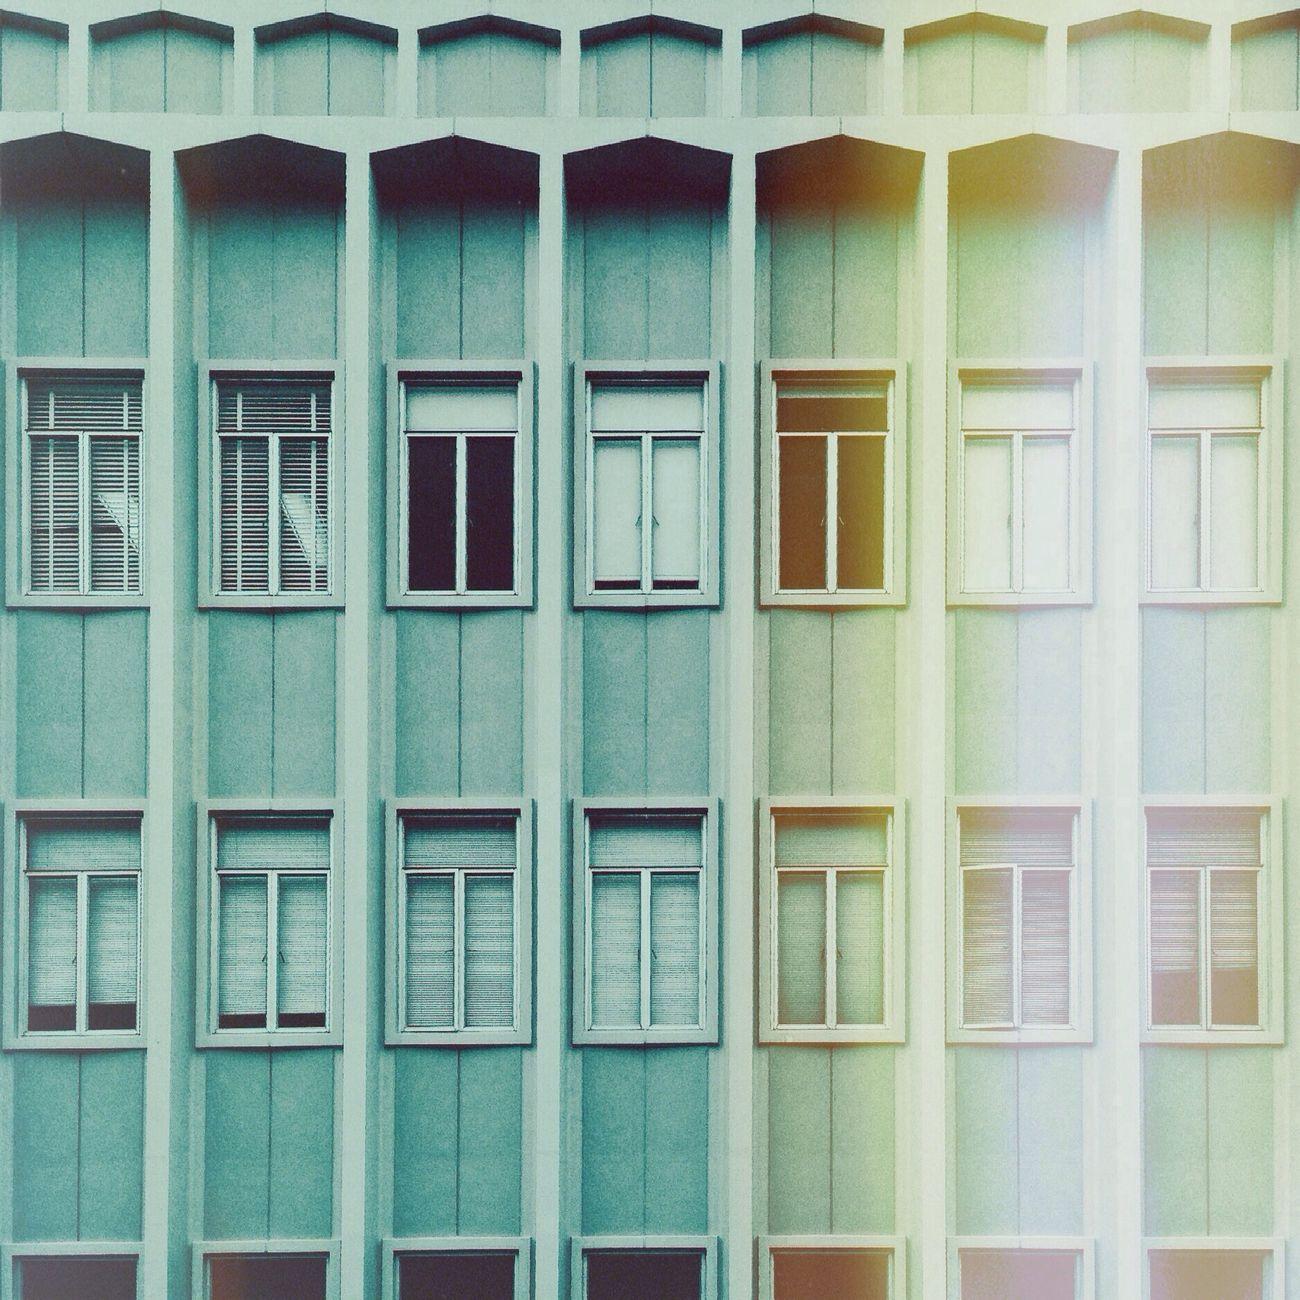 Architecture San Francisco